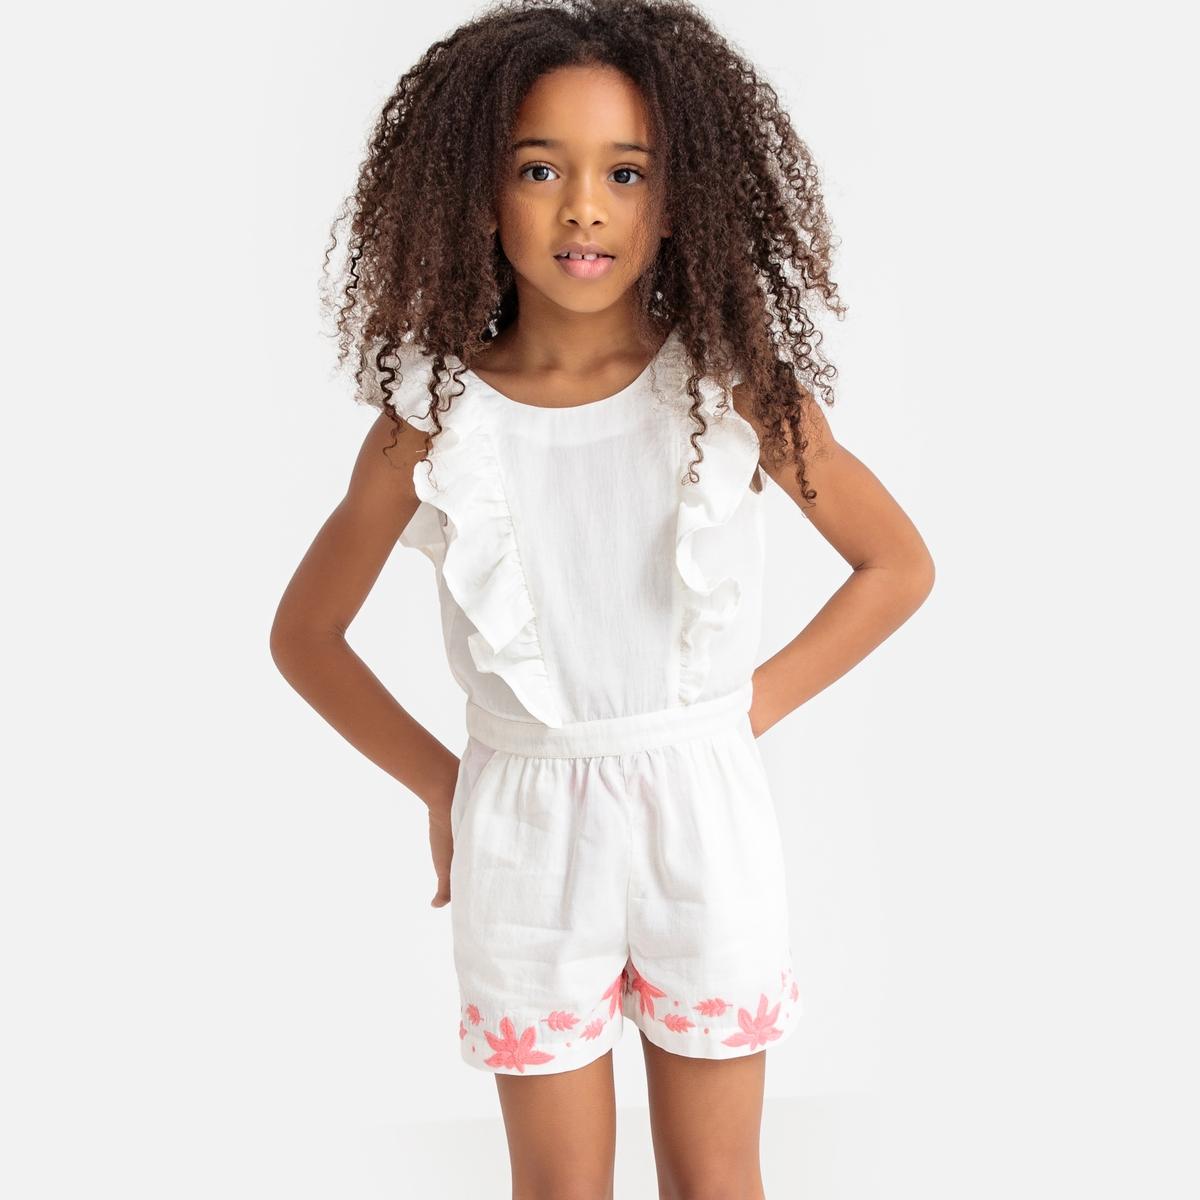 цена Комбинезон La Redoute С воланами спереди с вышивкой 3 года - 94 см бежевый онлайн в 2017 году